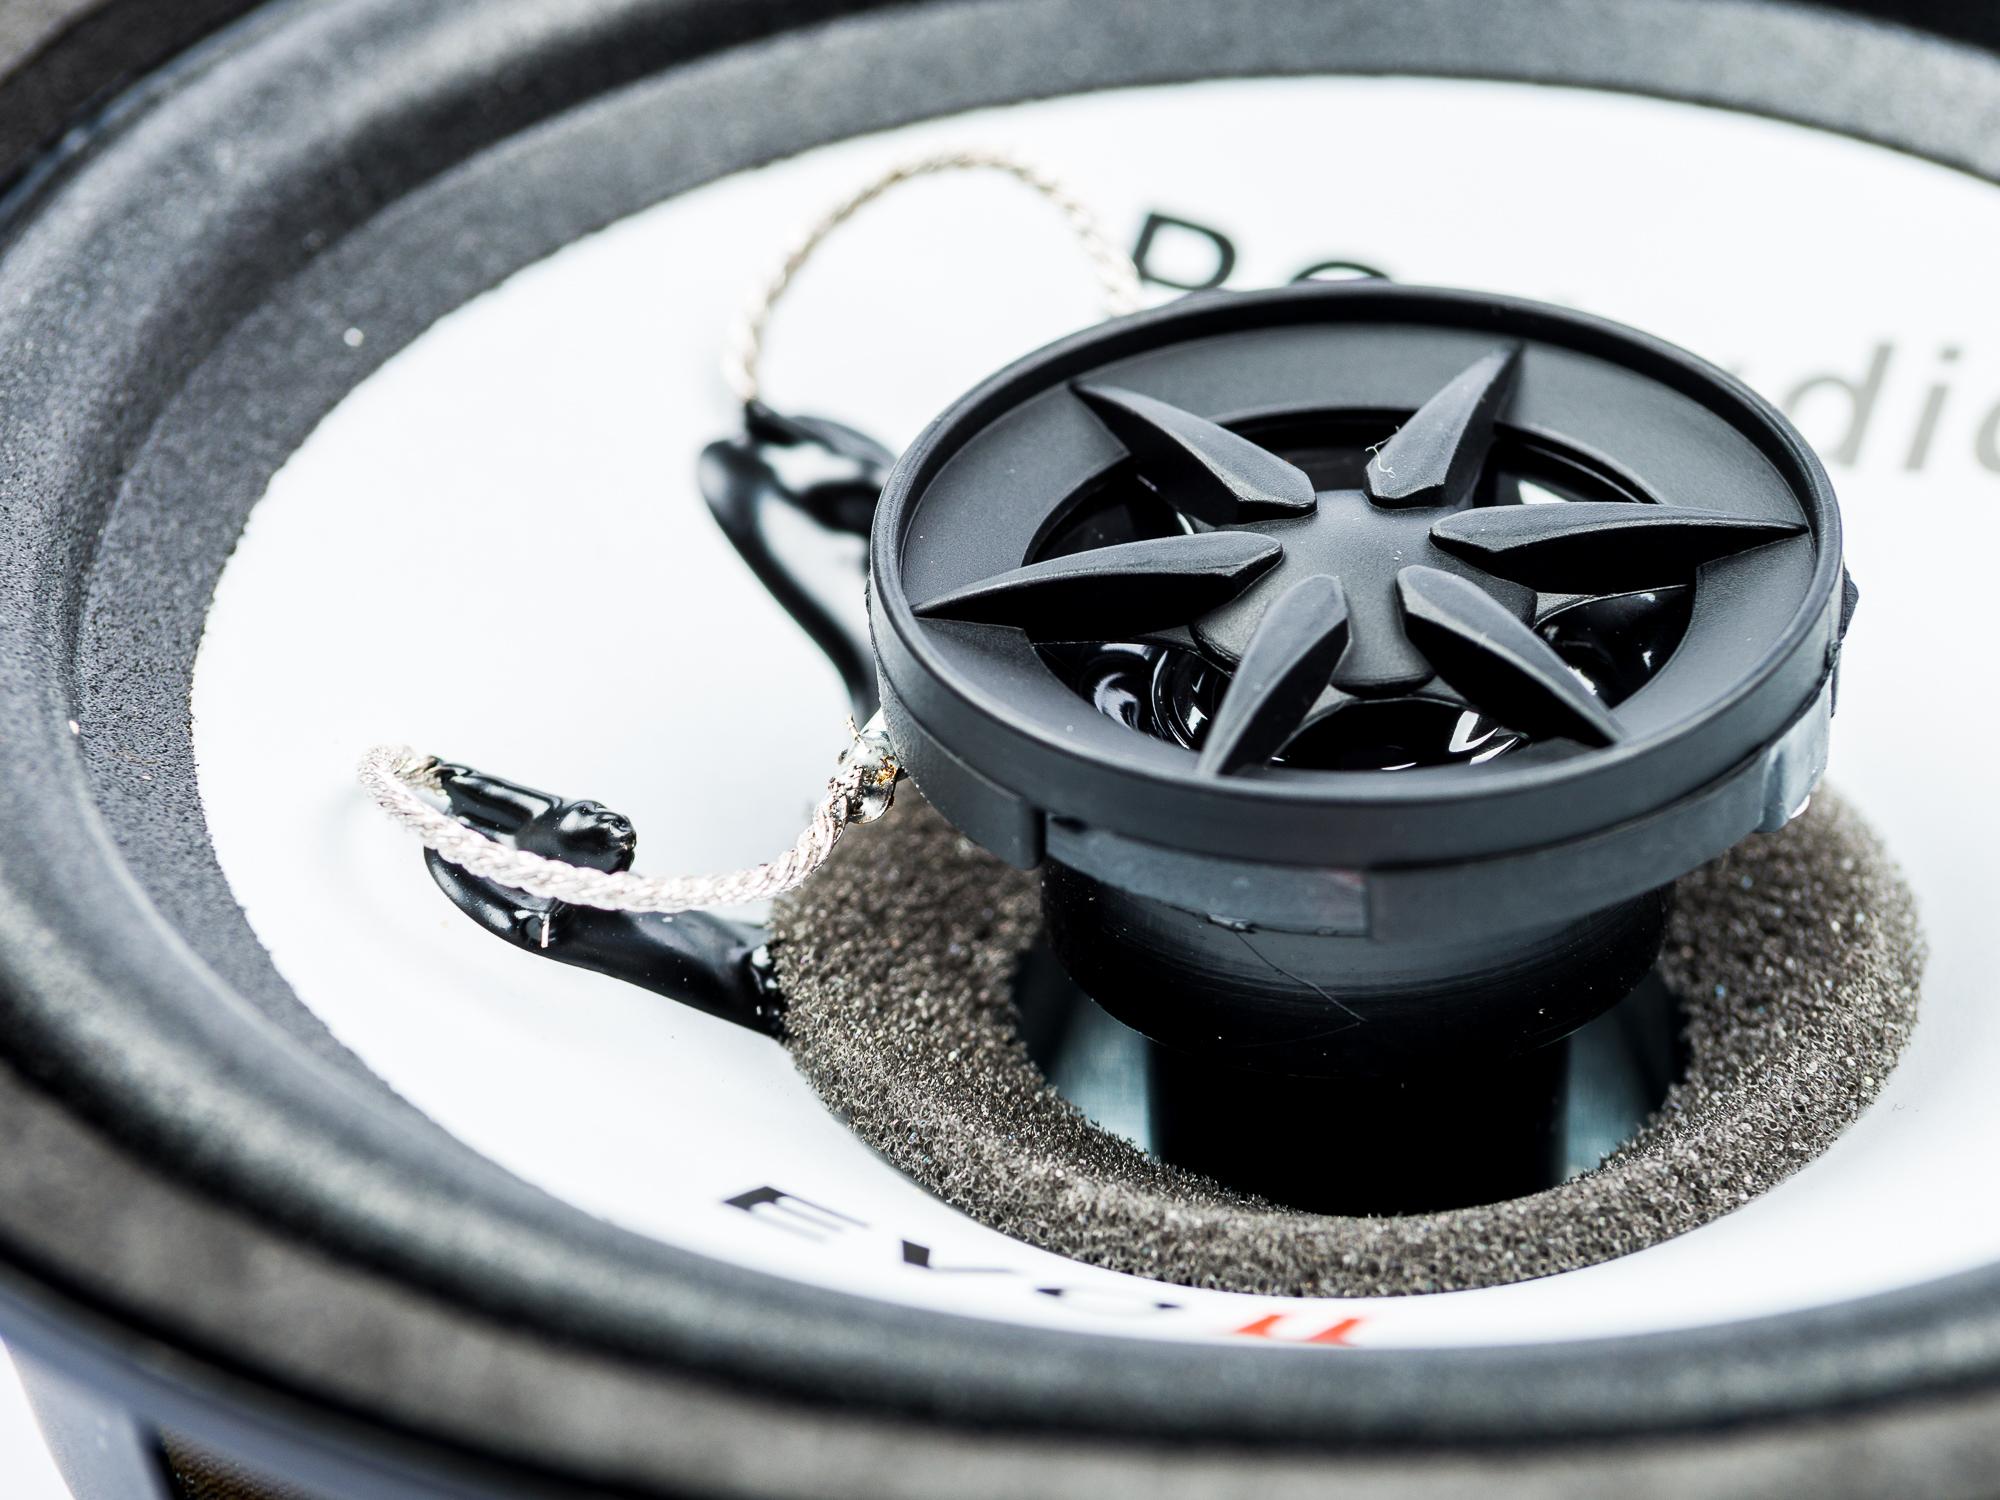 PG Audio EVO II 16.2, 16 cm Coax Lautsprecher passend für Citröen Peugeot Renault Jaguar & Dodge – Bild 4